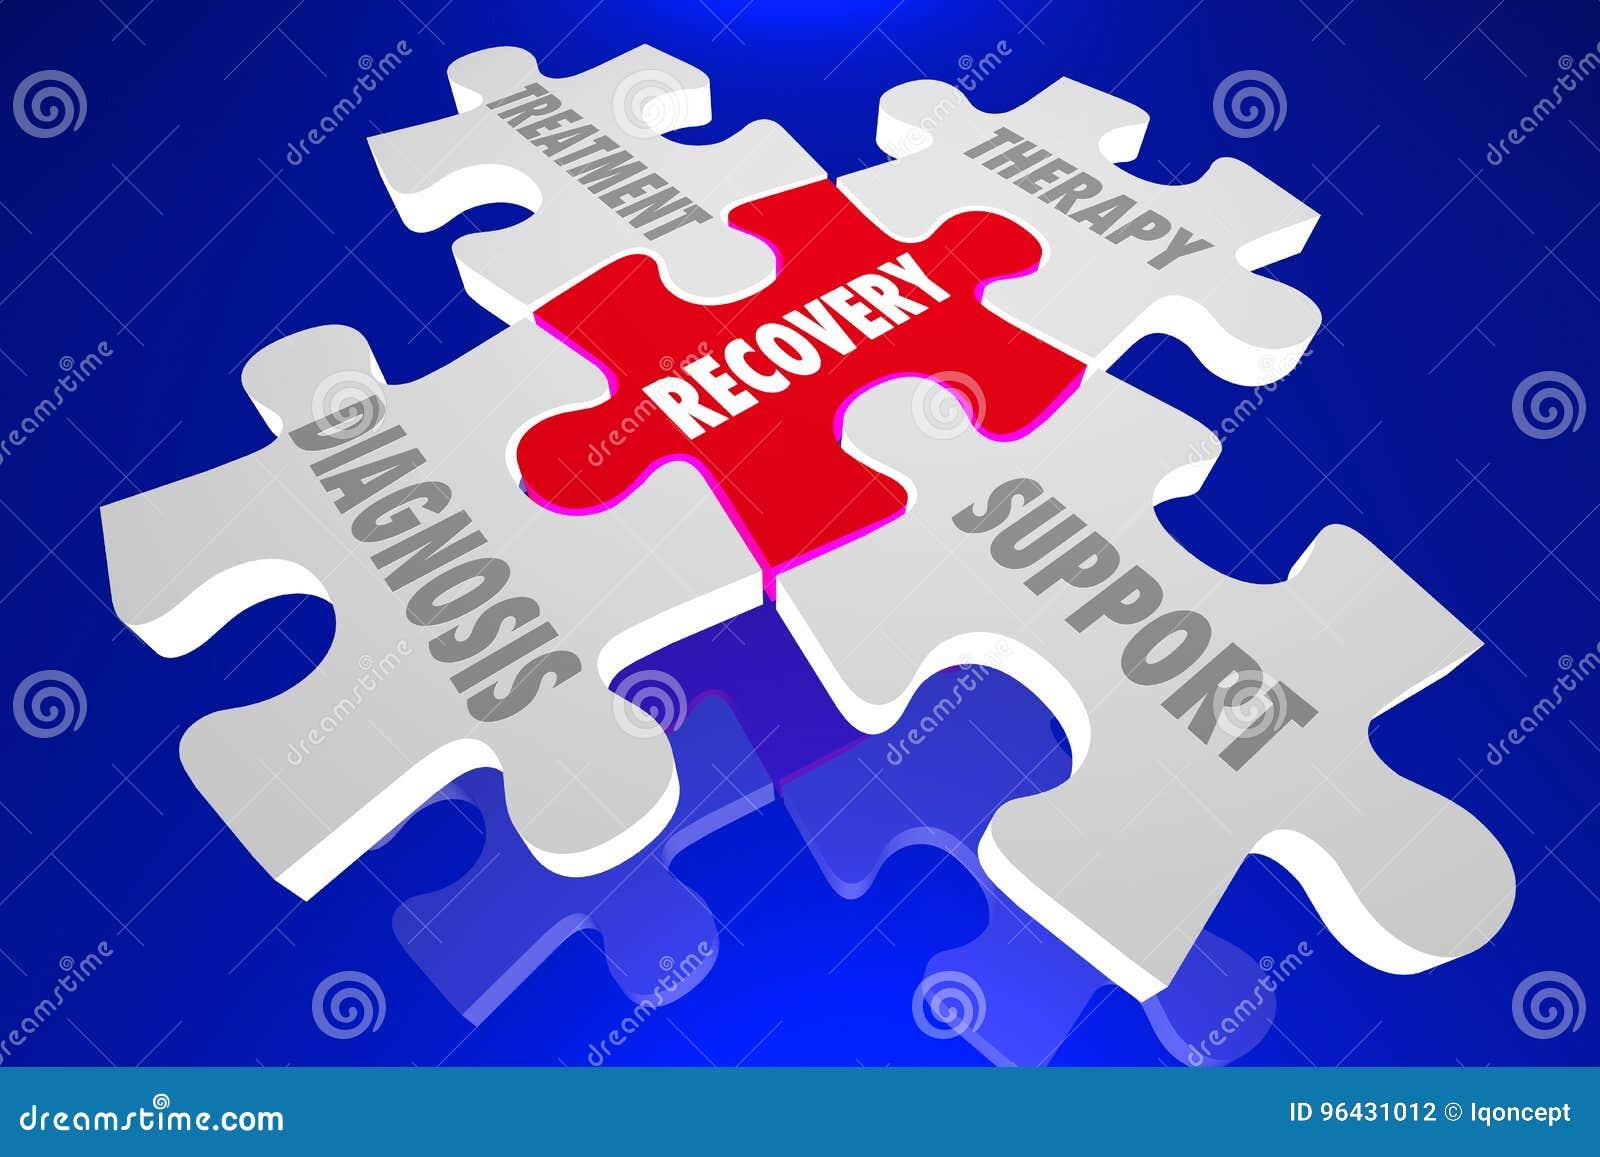 Terapia Di Sostegno.Il Puzzle Di Terapia Di Sostegno Del Trattamento Di Diagnosi